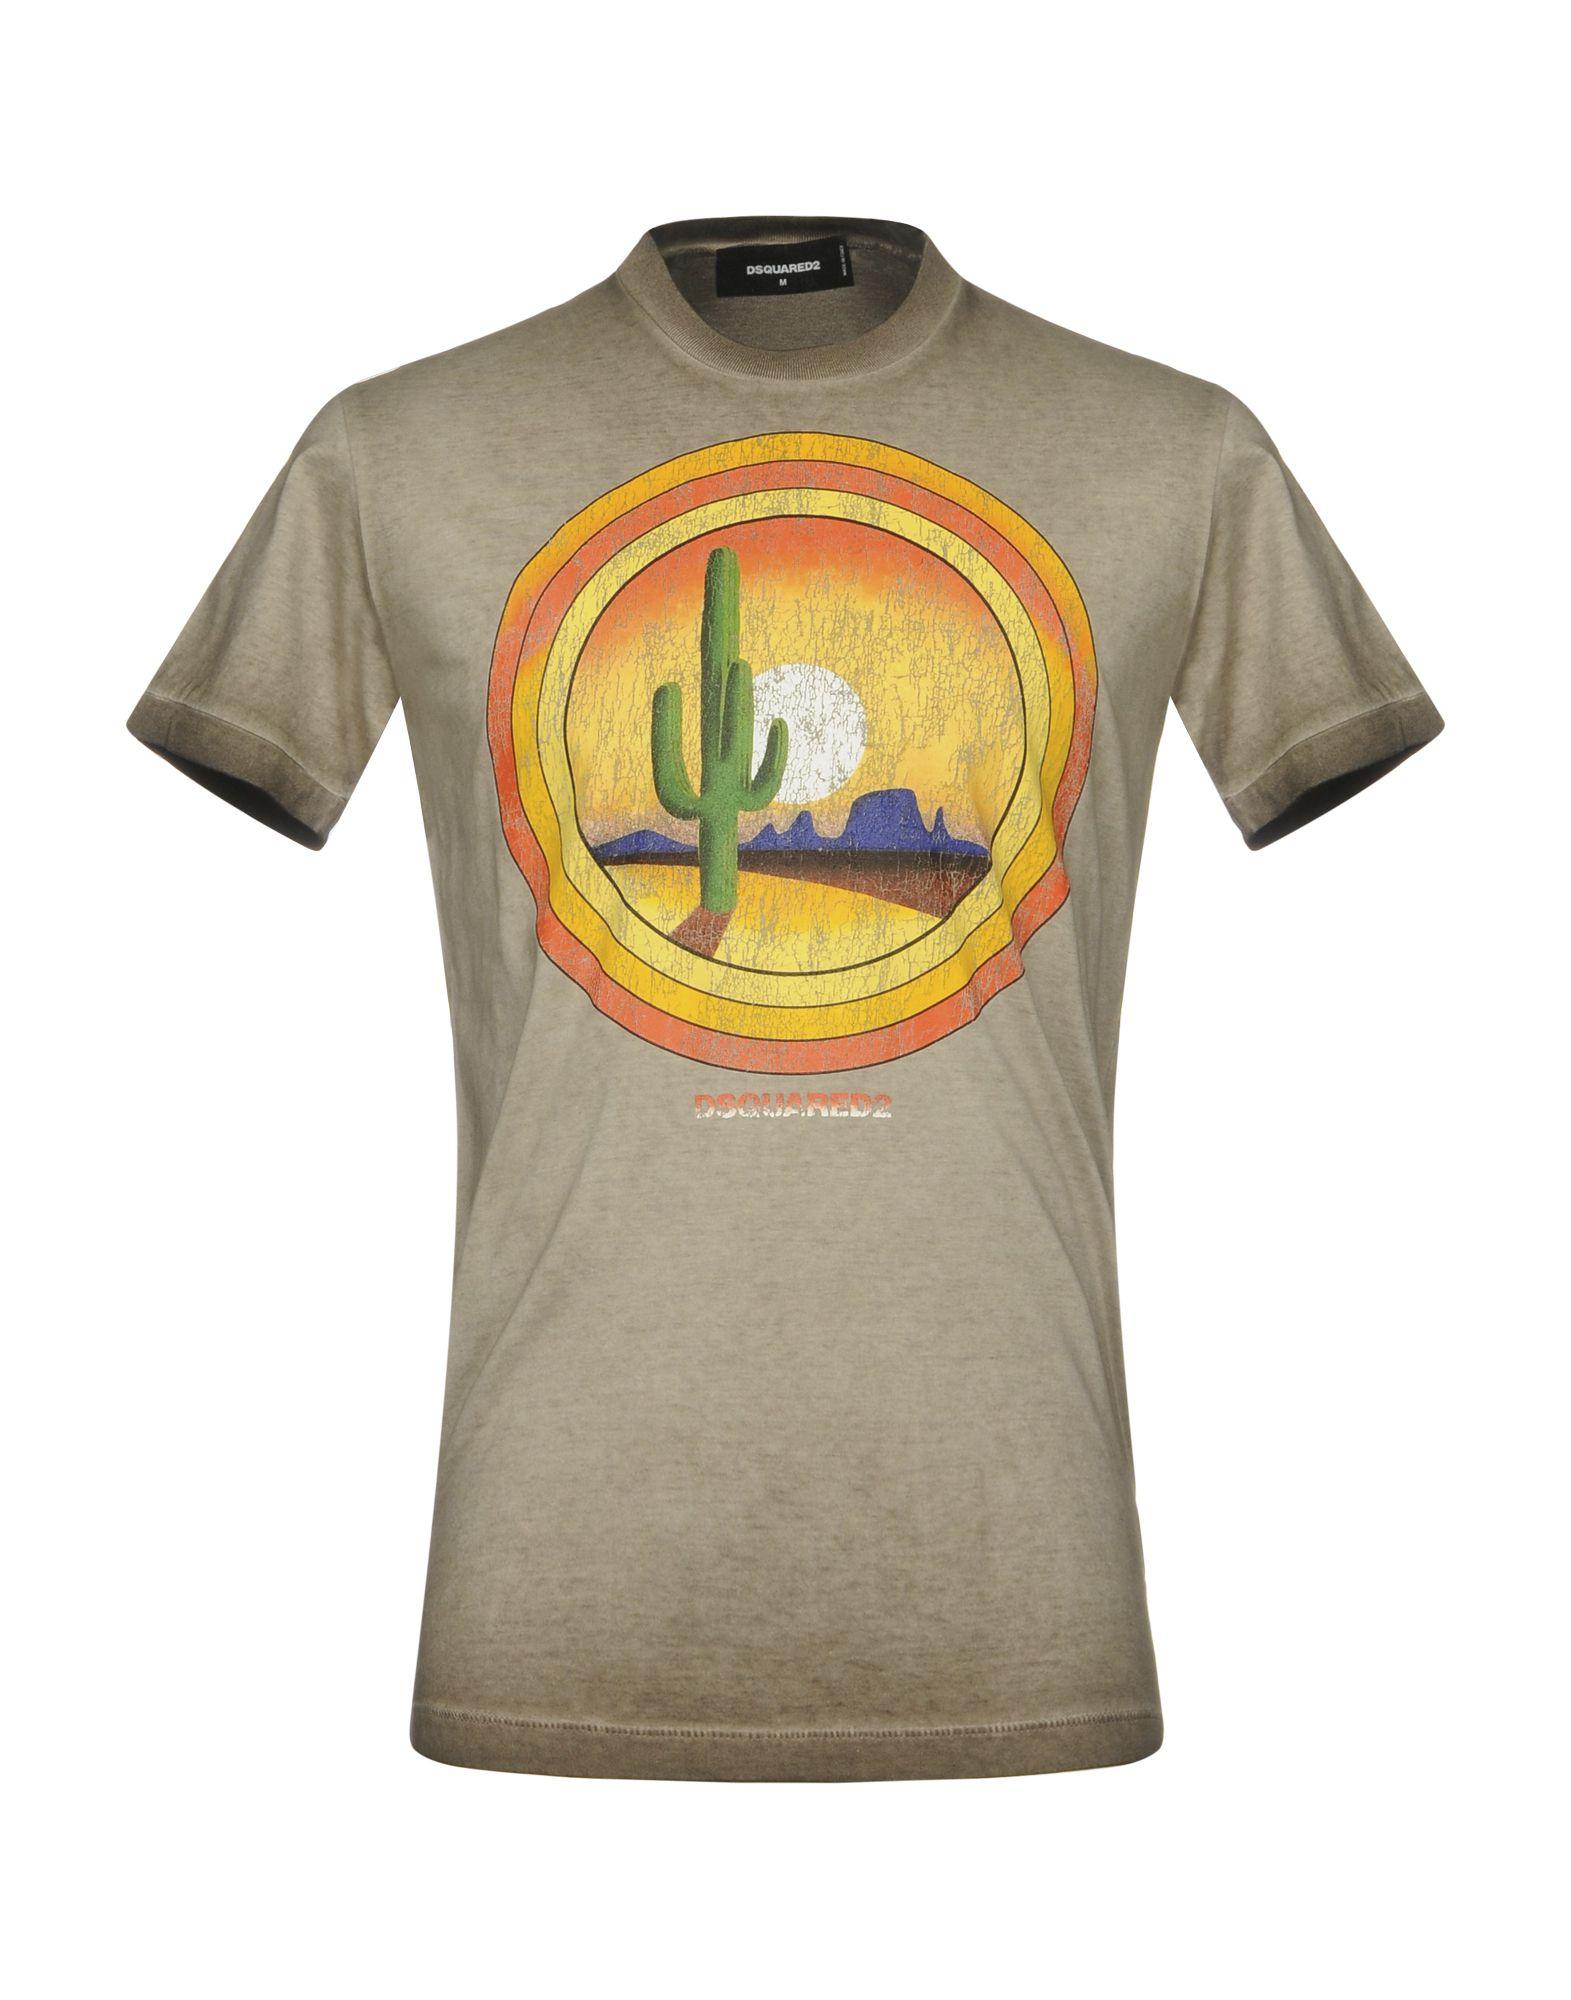 A buon mercato T-Shirt Dsquarosso2 Uomo 12082031IH - 12082031IH Uomo f7e4f3